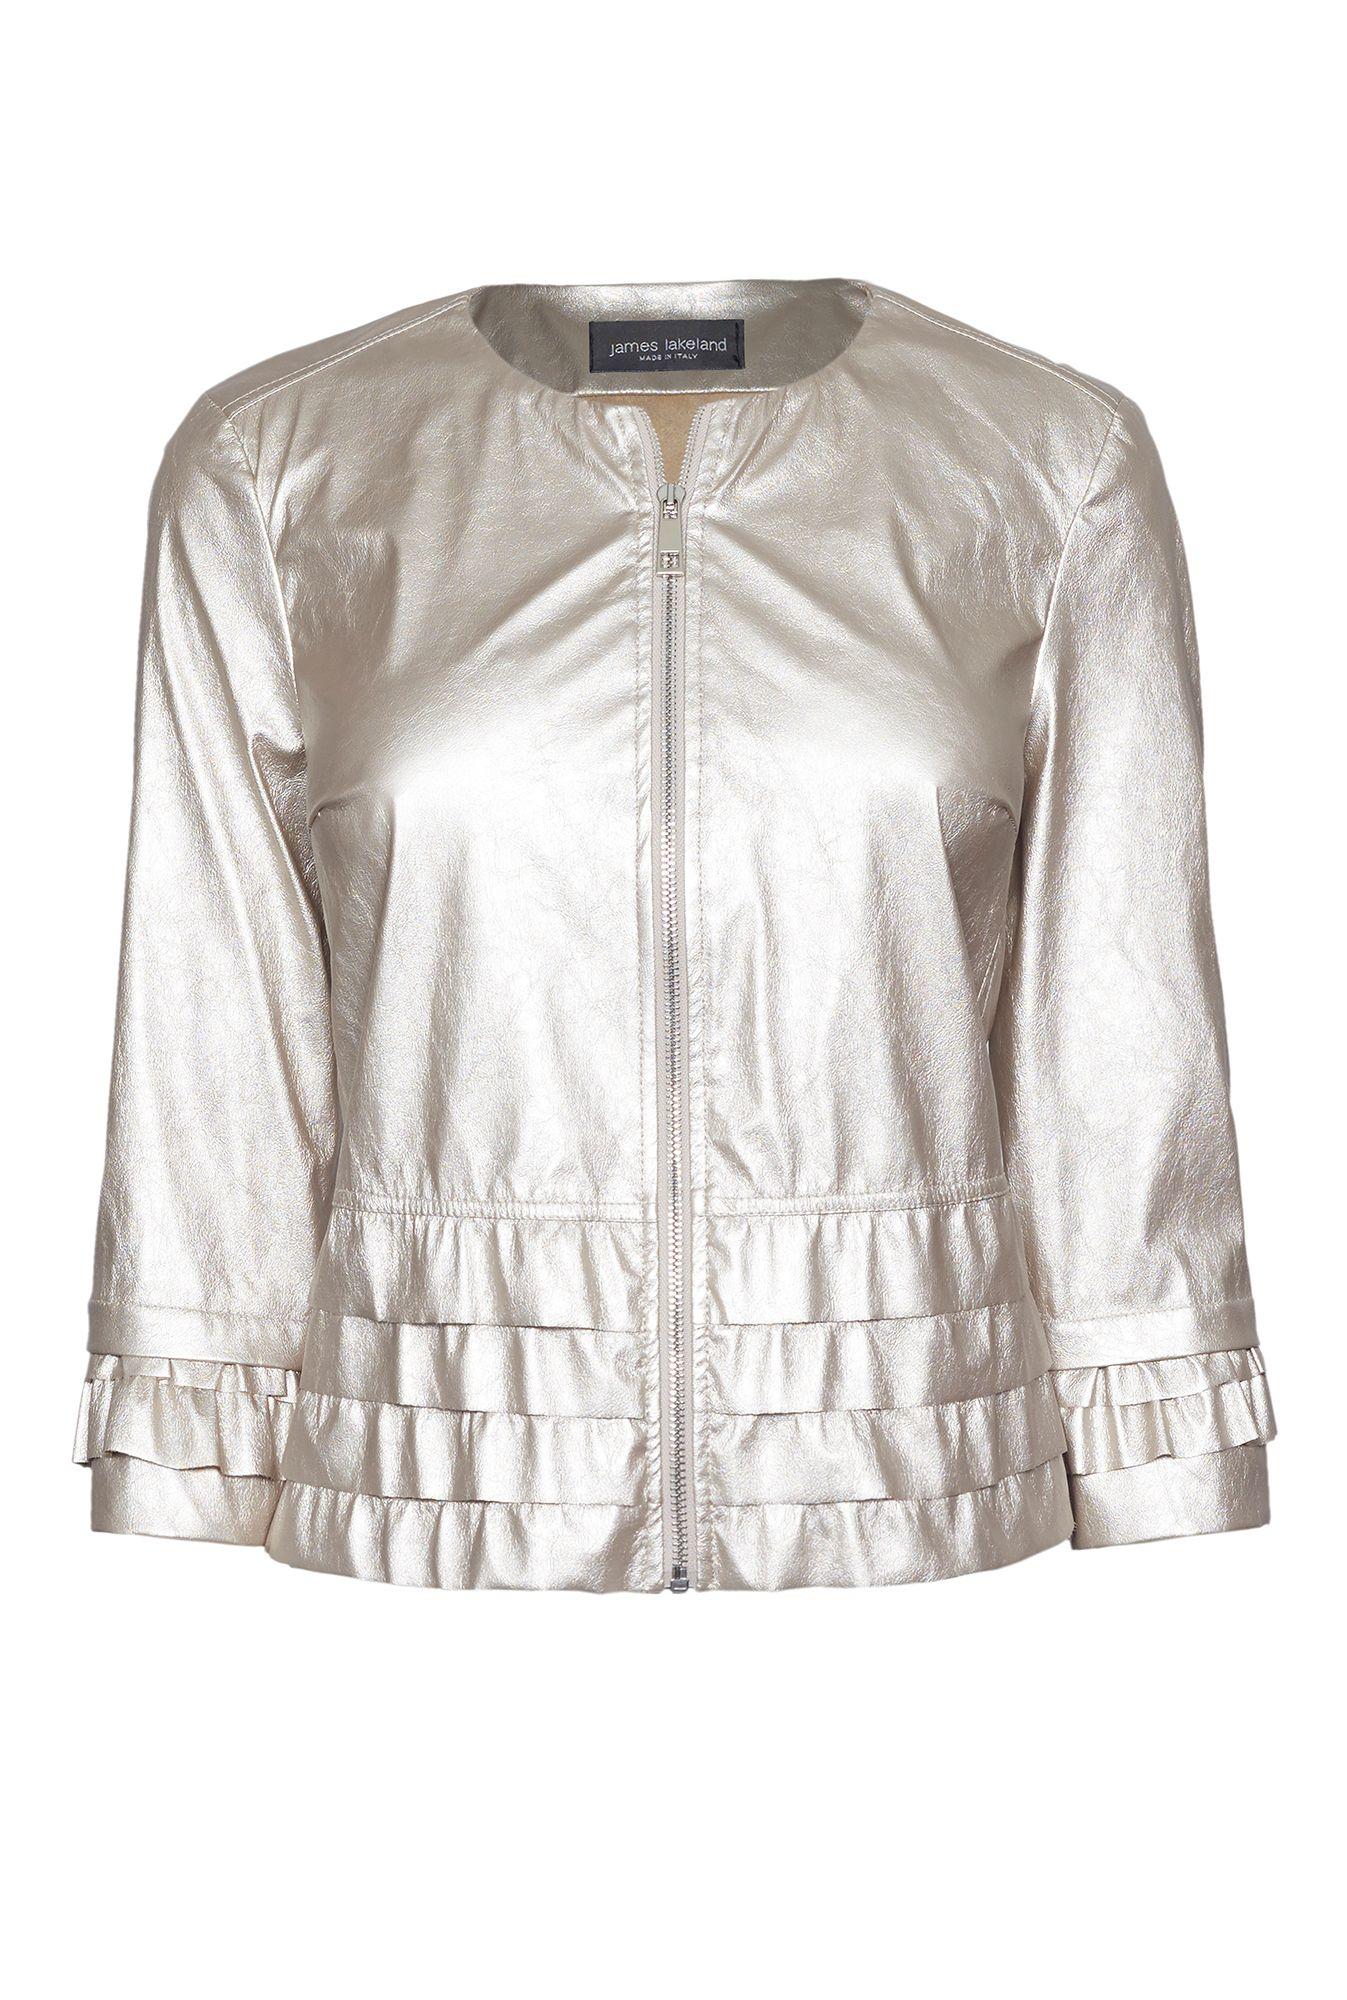 Lakeland leather jackets